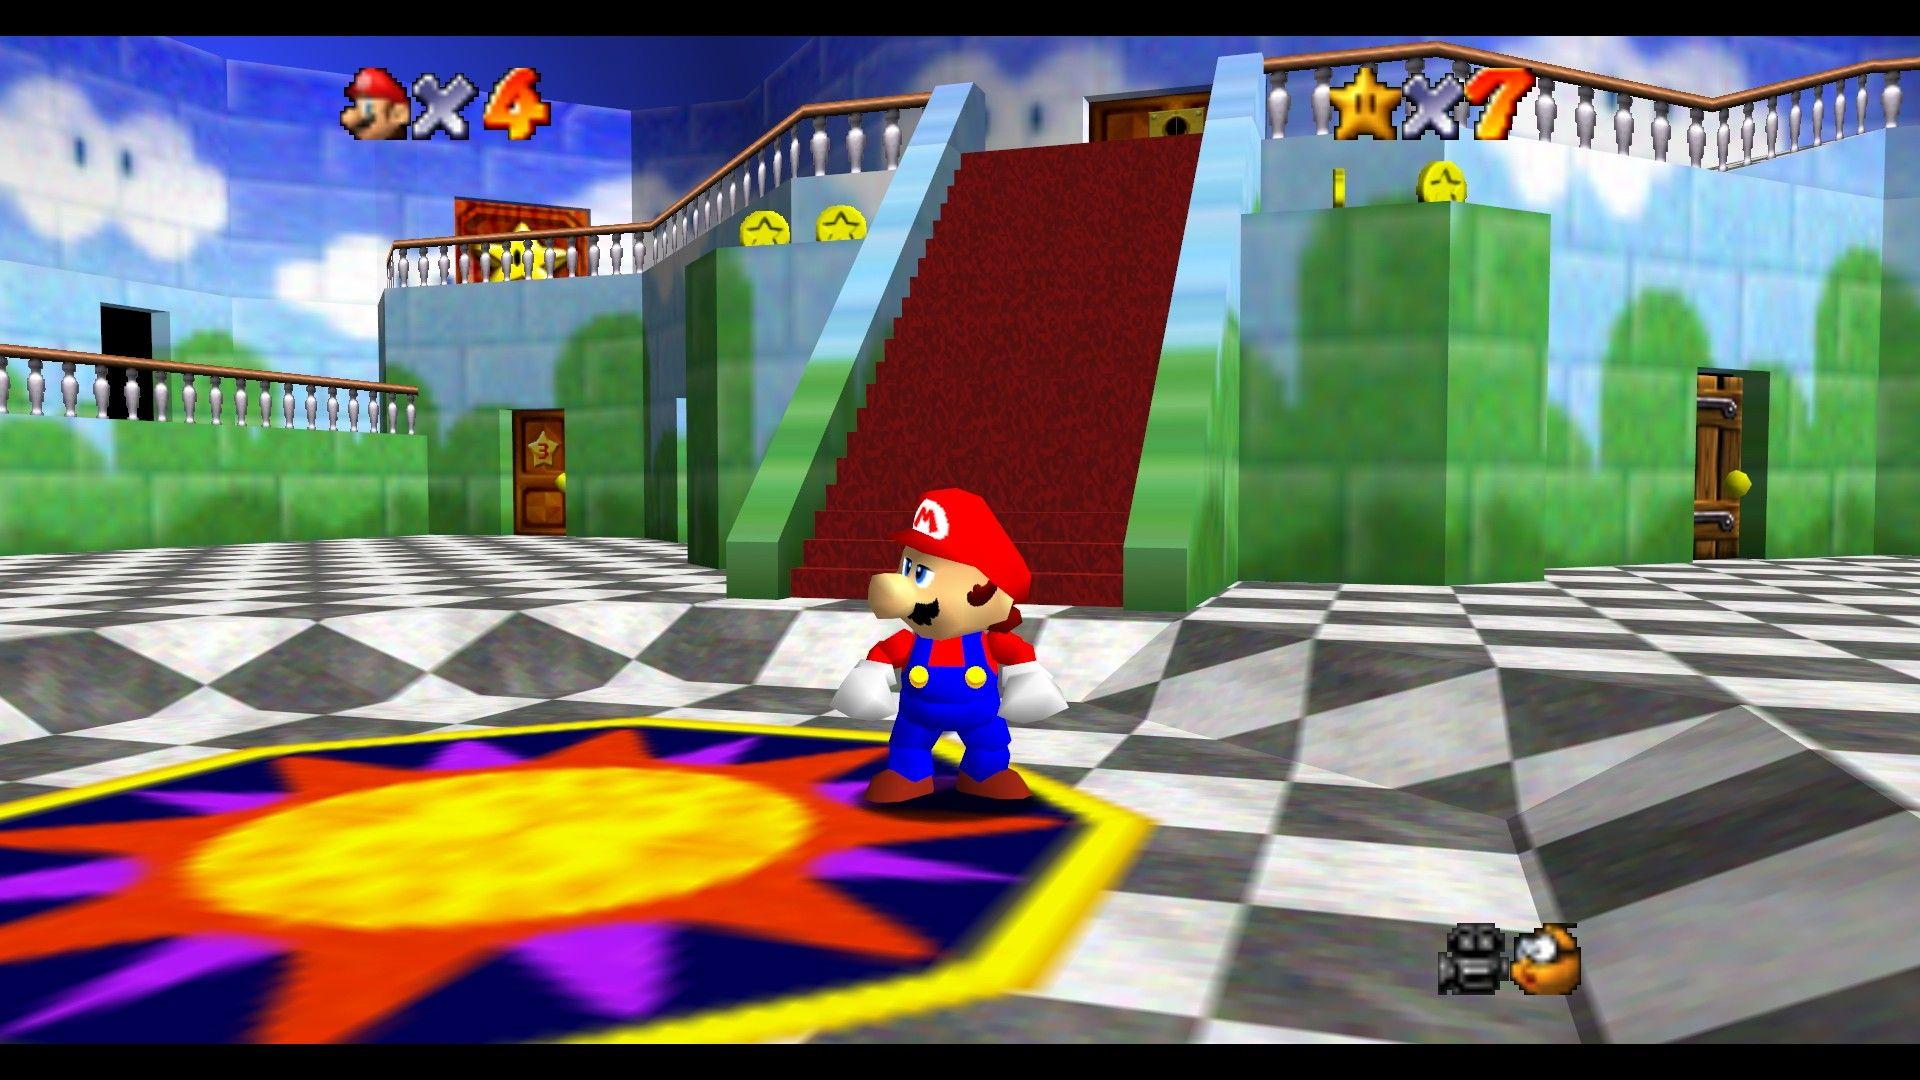 Super Mario 64 (Nintendo 64 1996) | Old nintendo games, Super mario 3d, Super mario